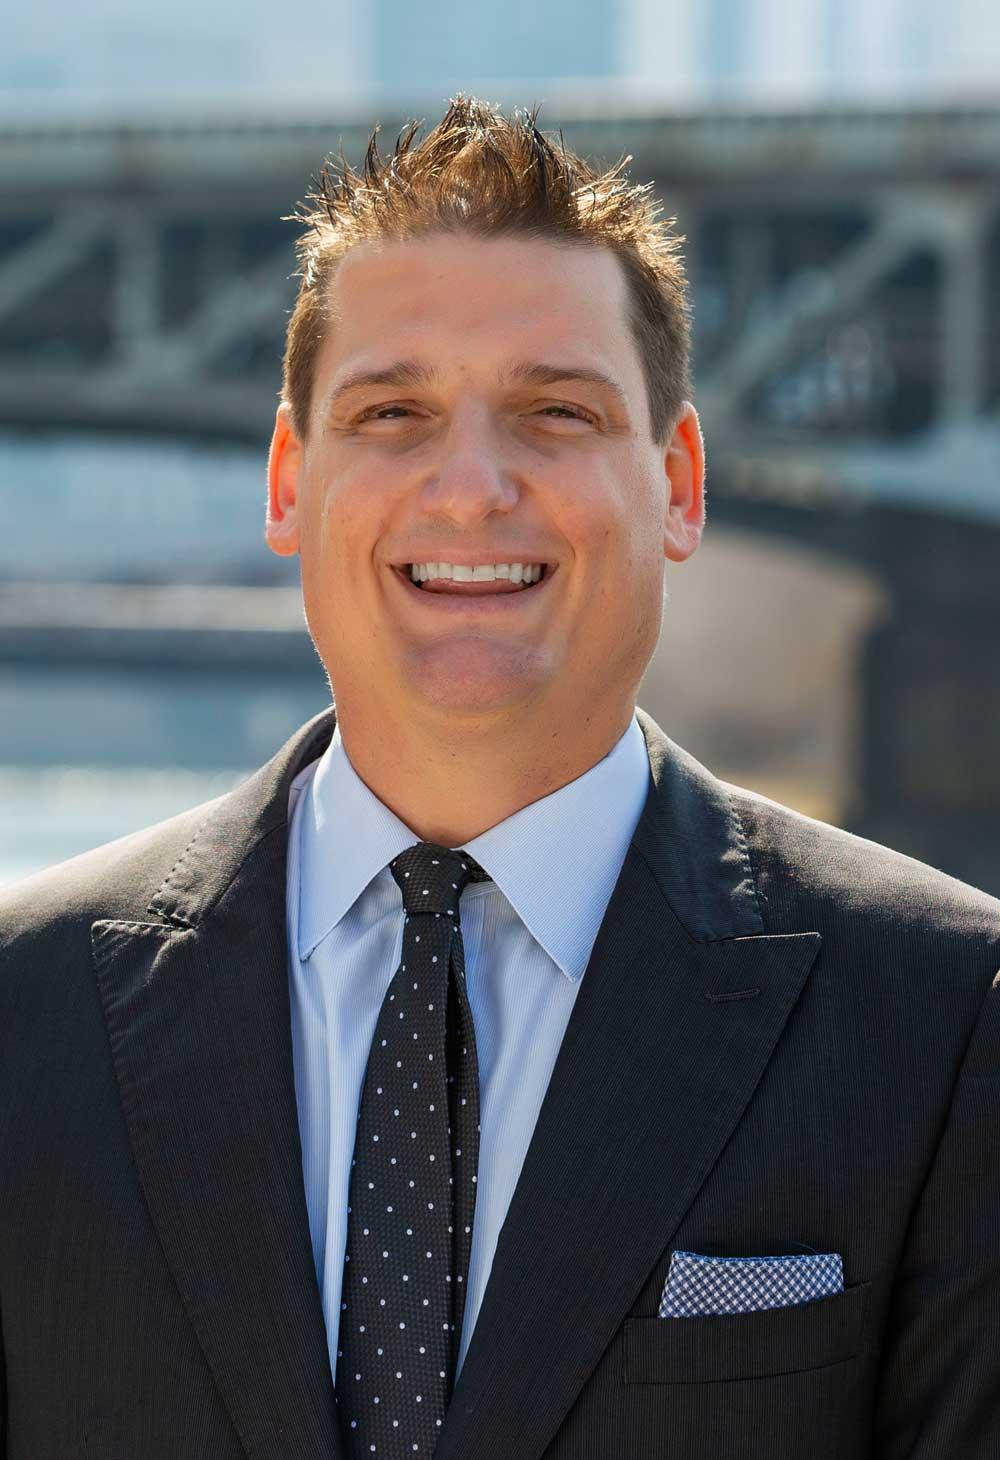 Nicholas J. Jakubco